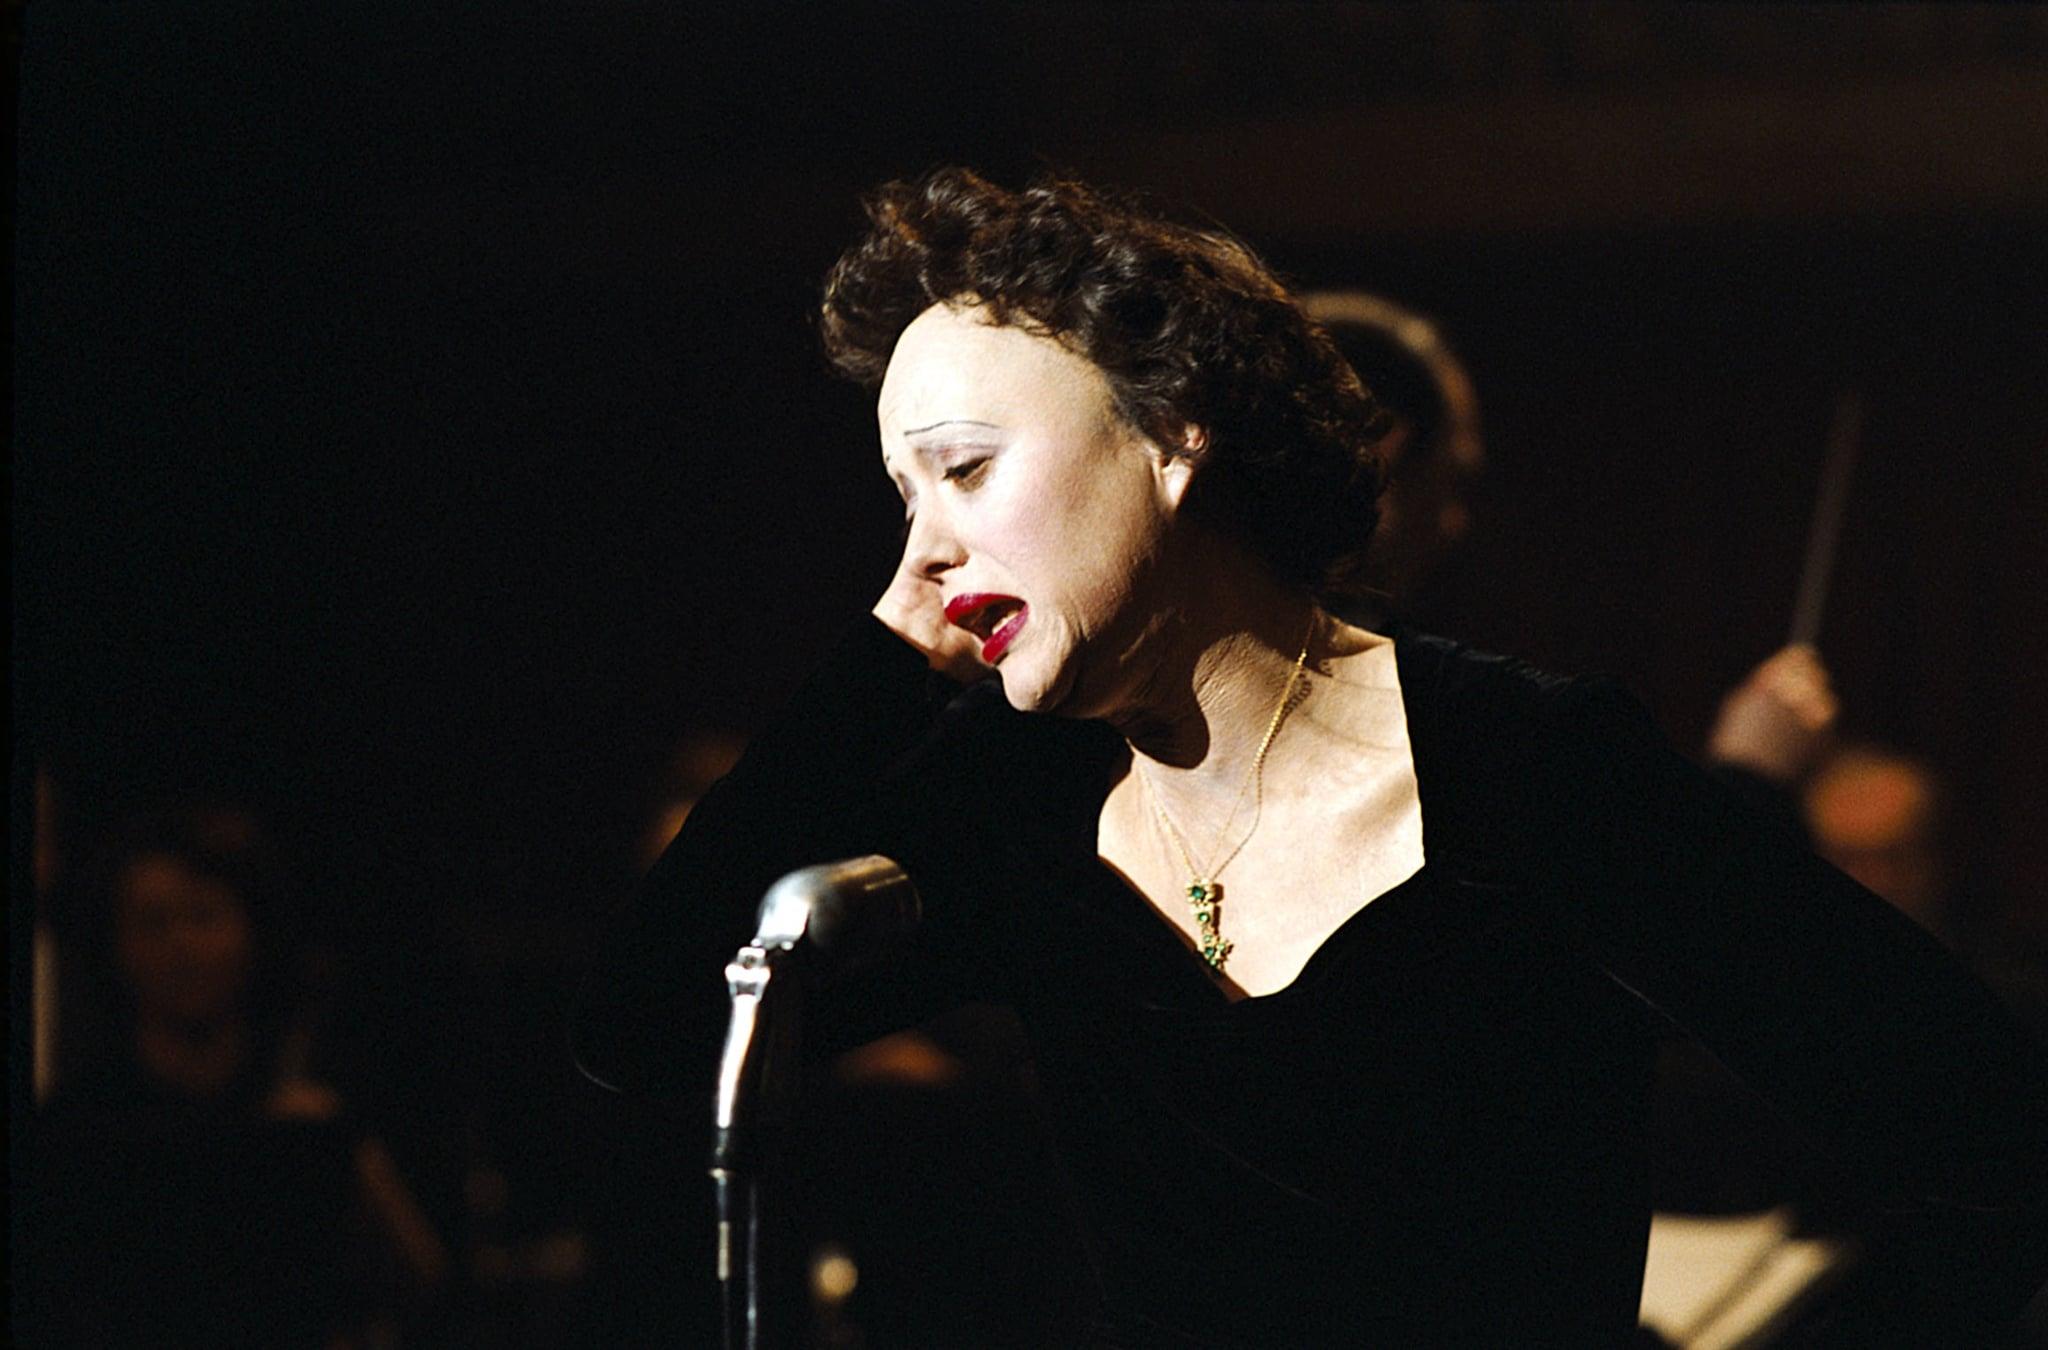 Marion Cotillard, La Vie en Rose